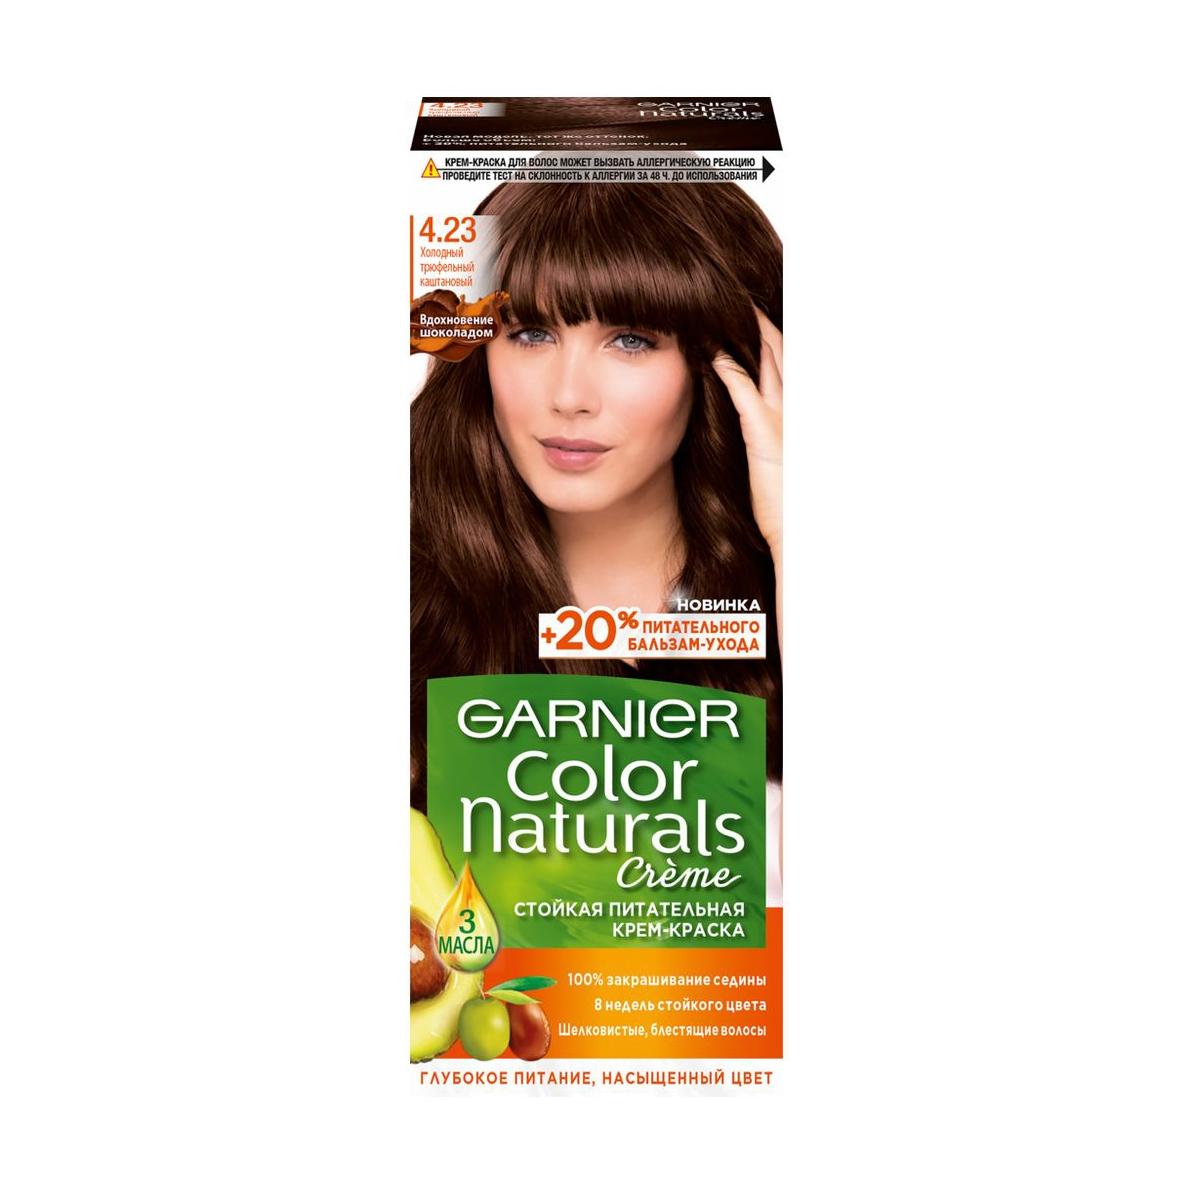 Стойкая крем-краска Garnier Color Naturals с 3 маслами 4.23 Холодный трюфельный каштановый (C6305100) недорого